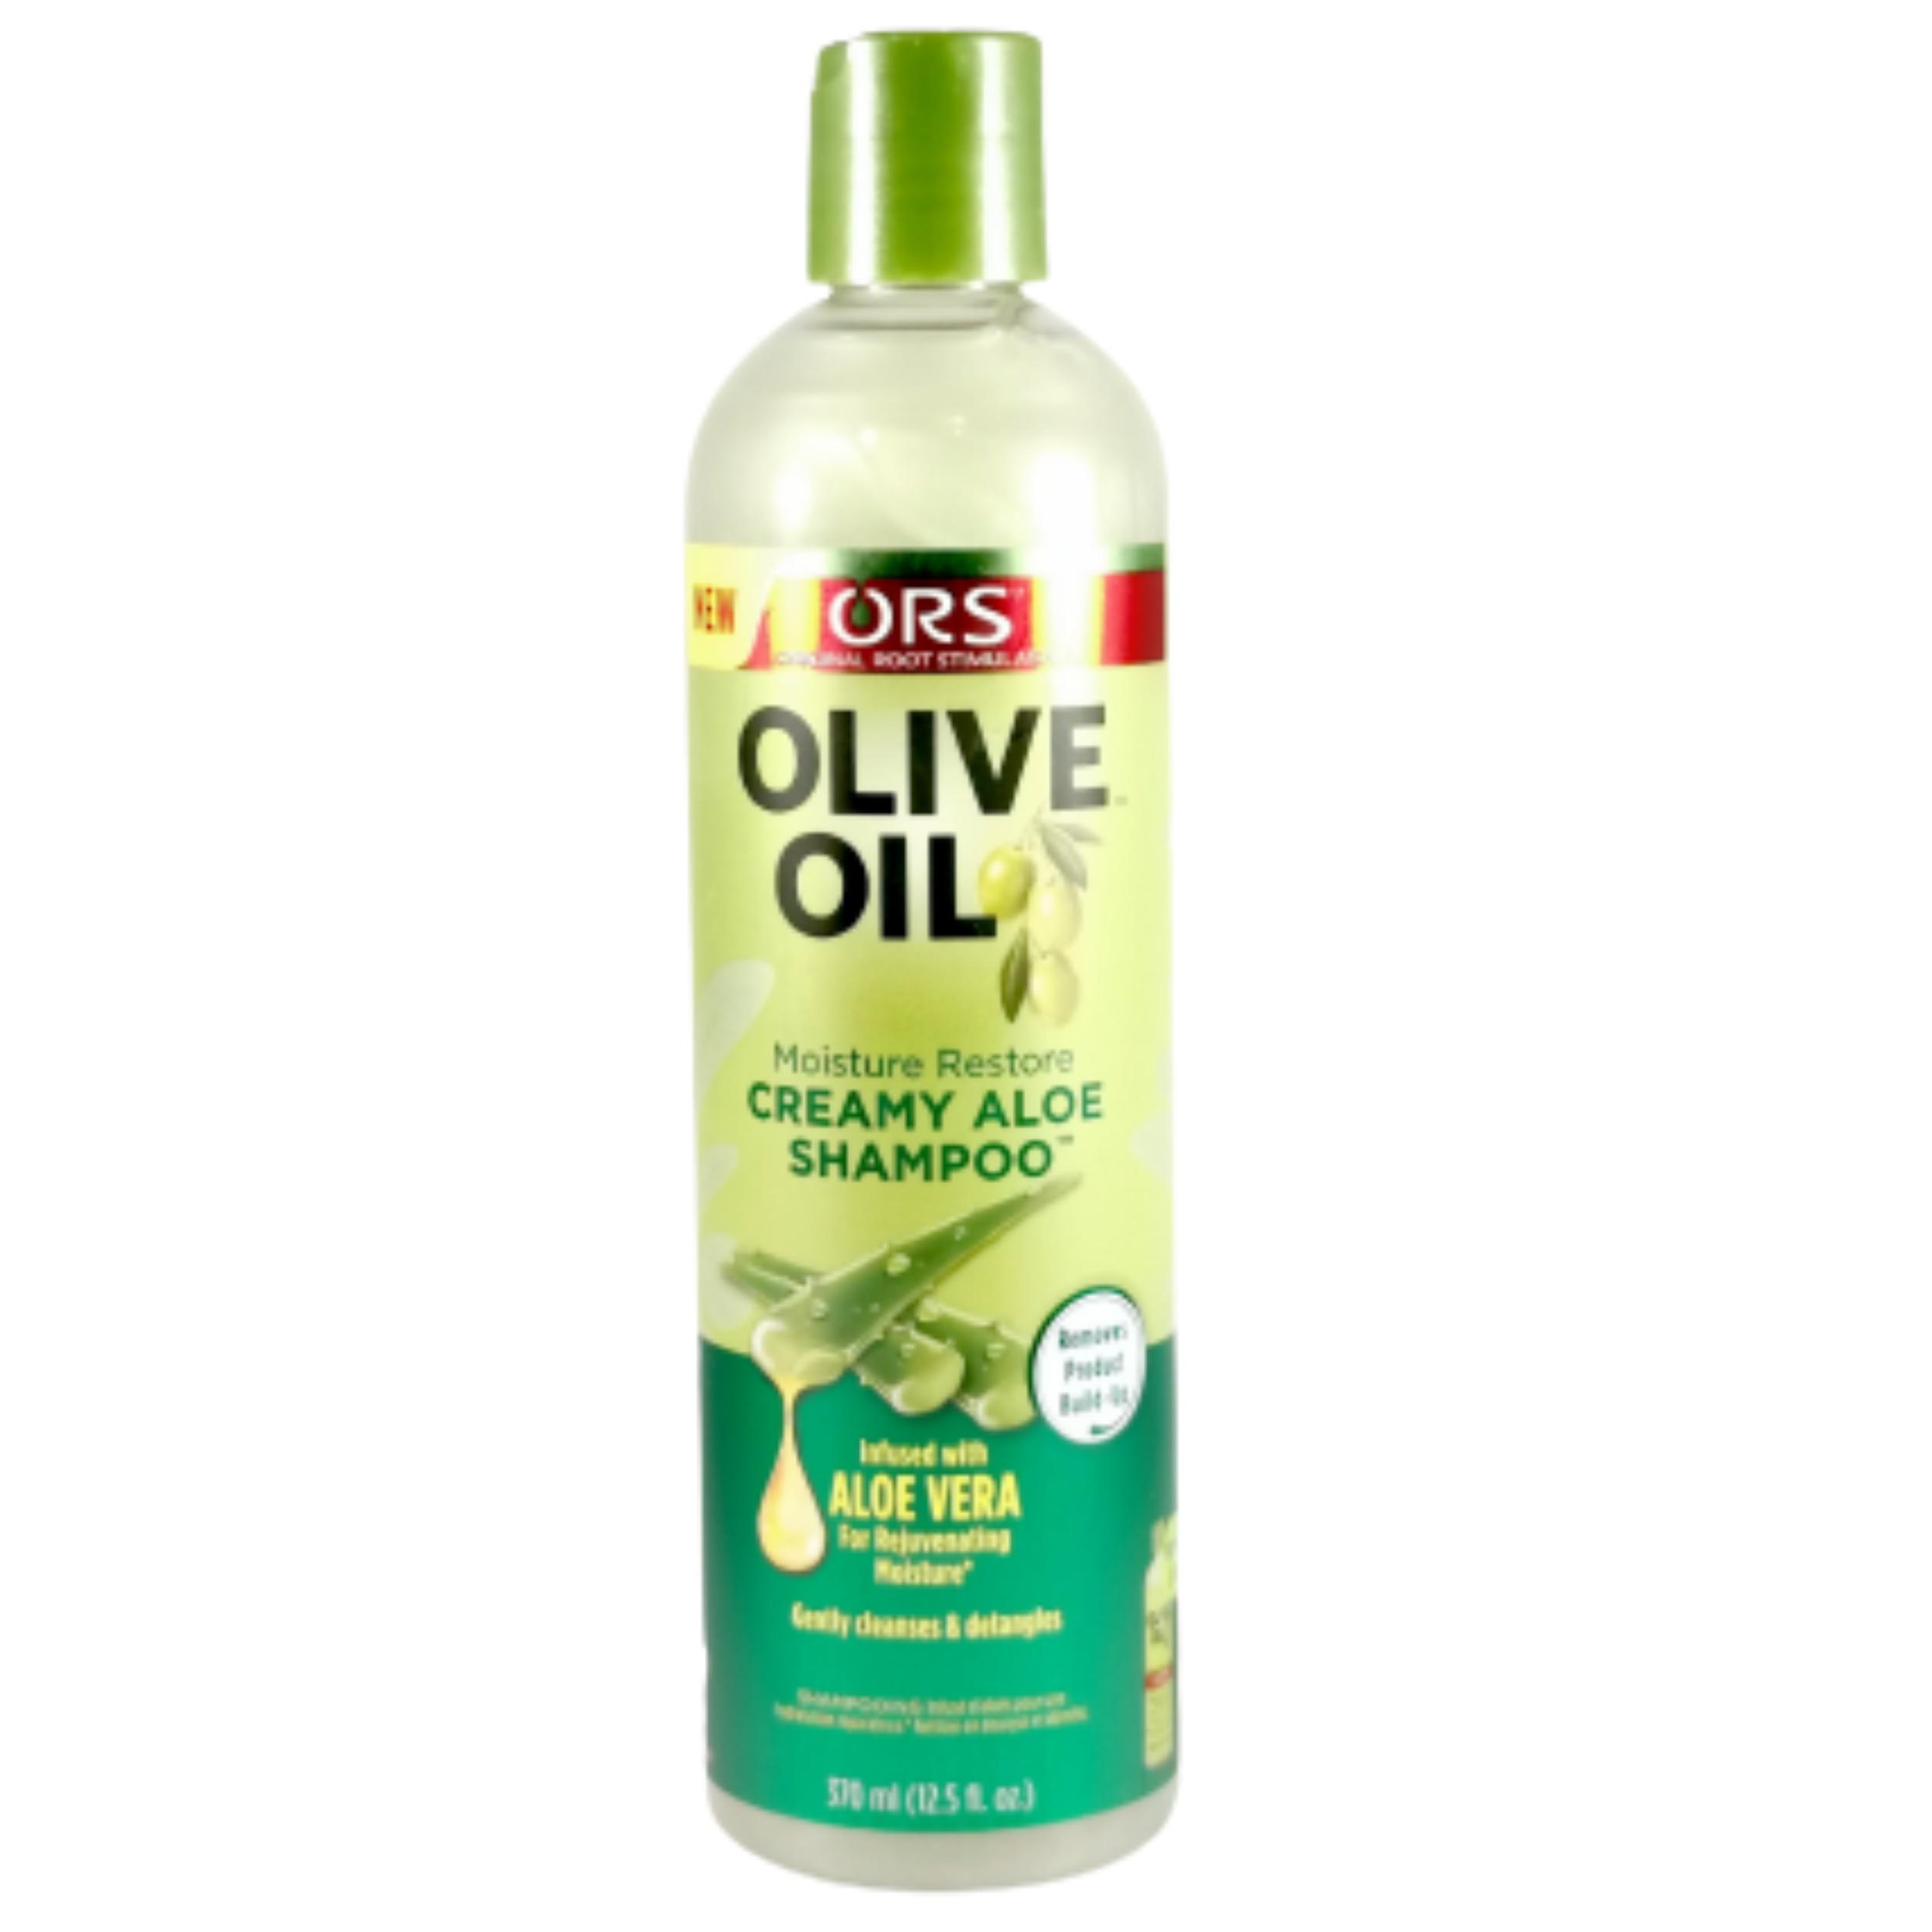 Shampooing olive & aloe vera. Démêle et fortifie les cheveux frisés, secs ou crépus- ORS